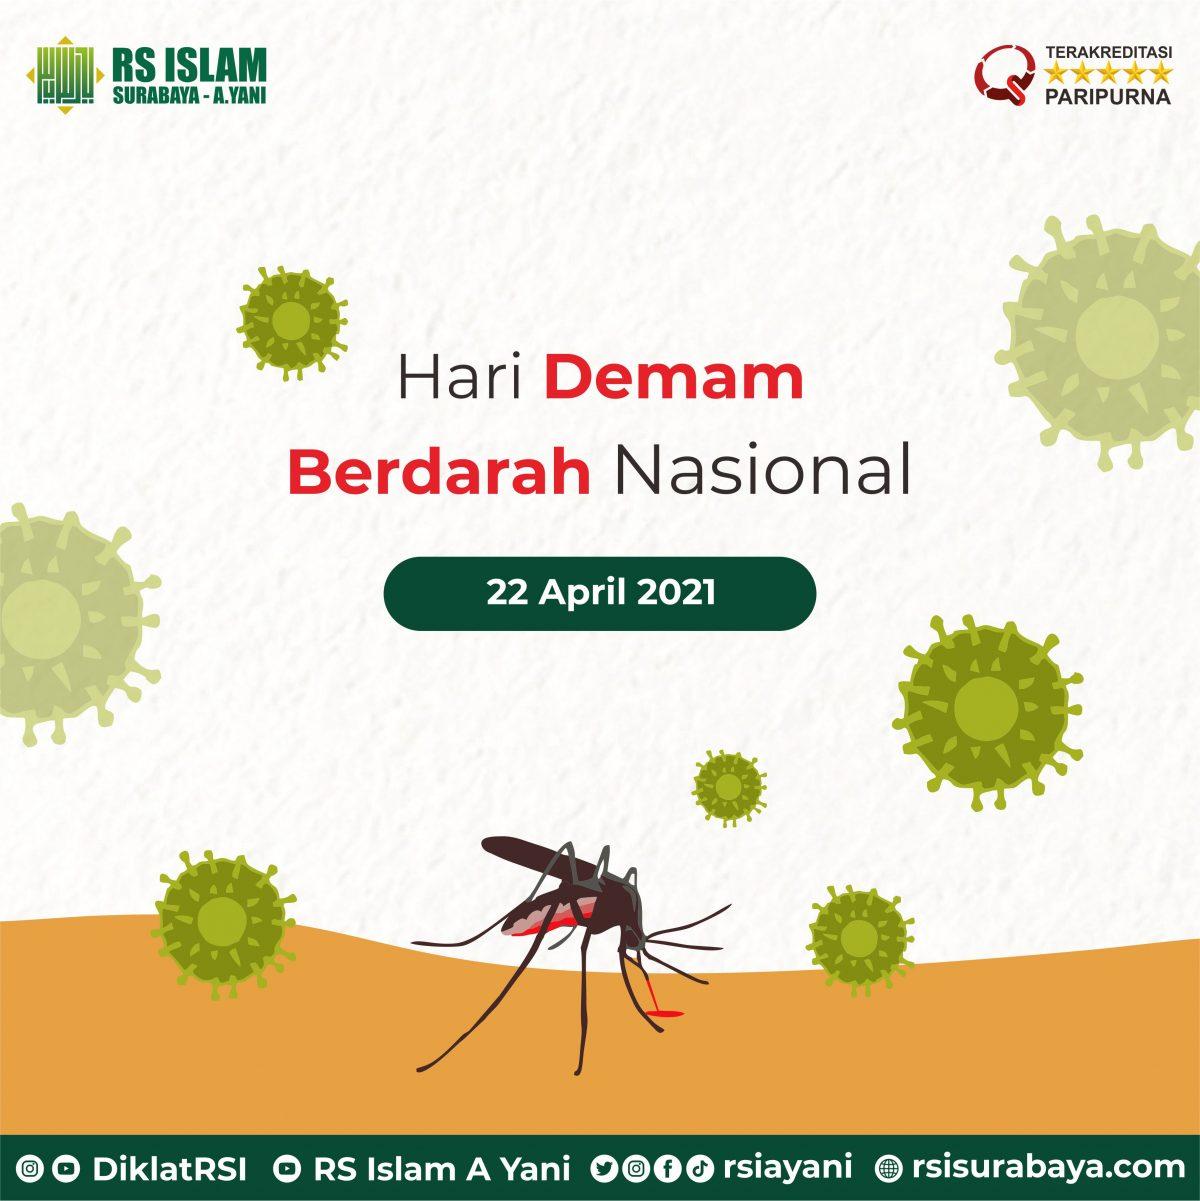 DEMAM-BERDARAH-1200x1201.jpg